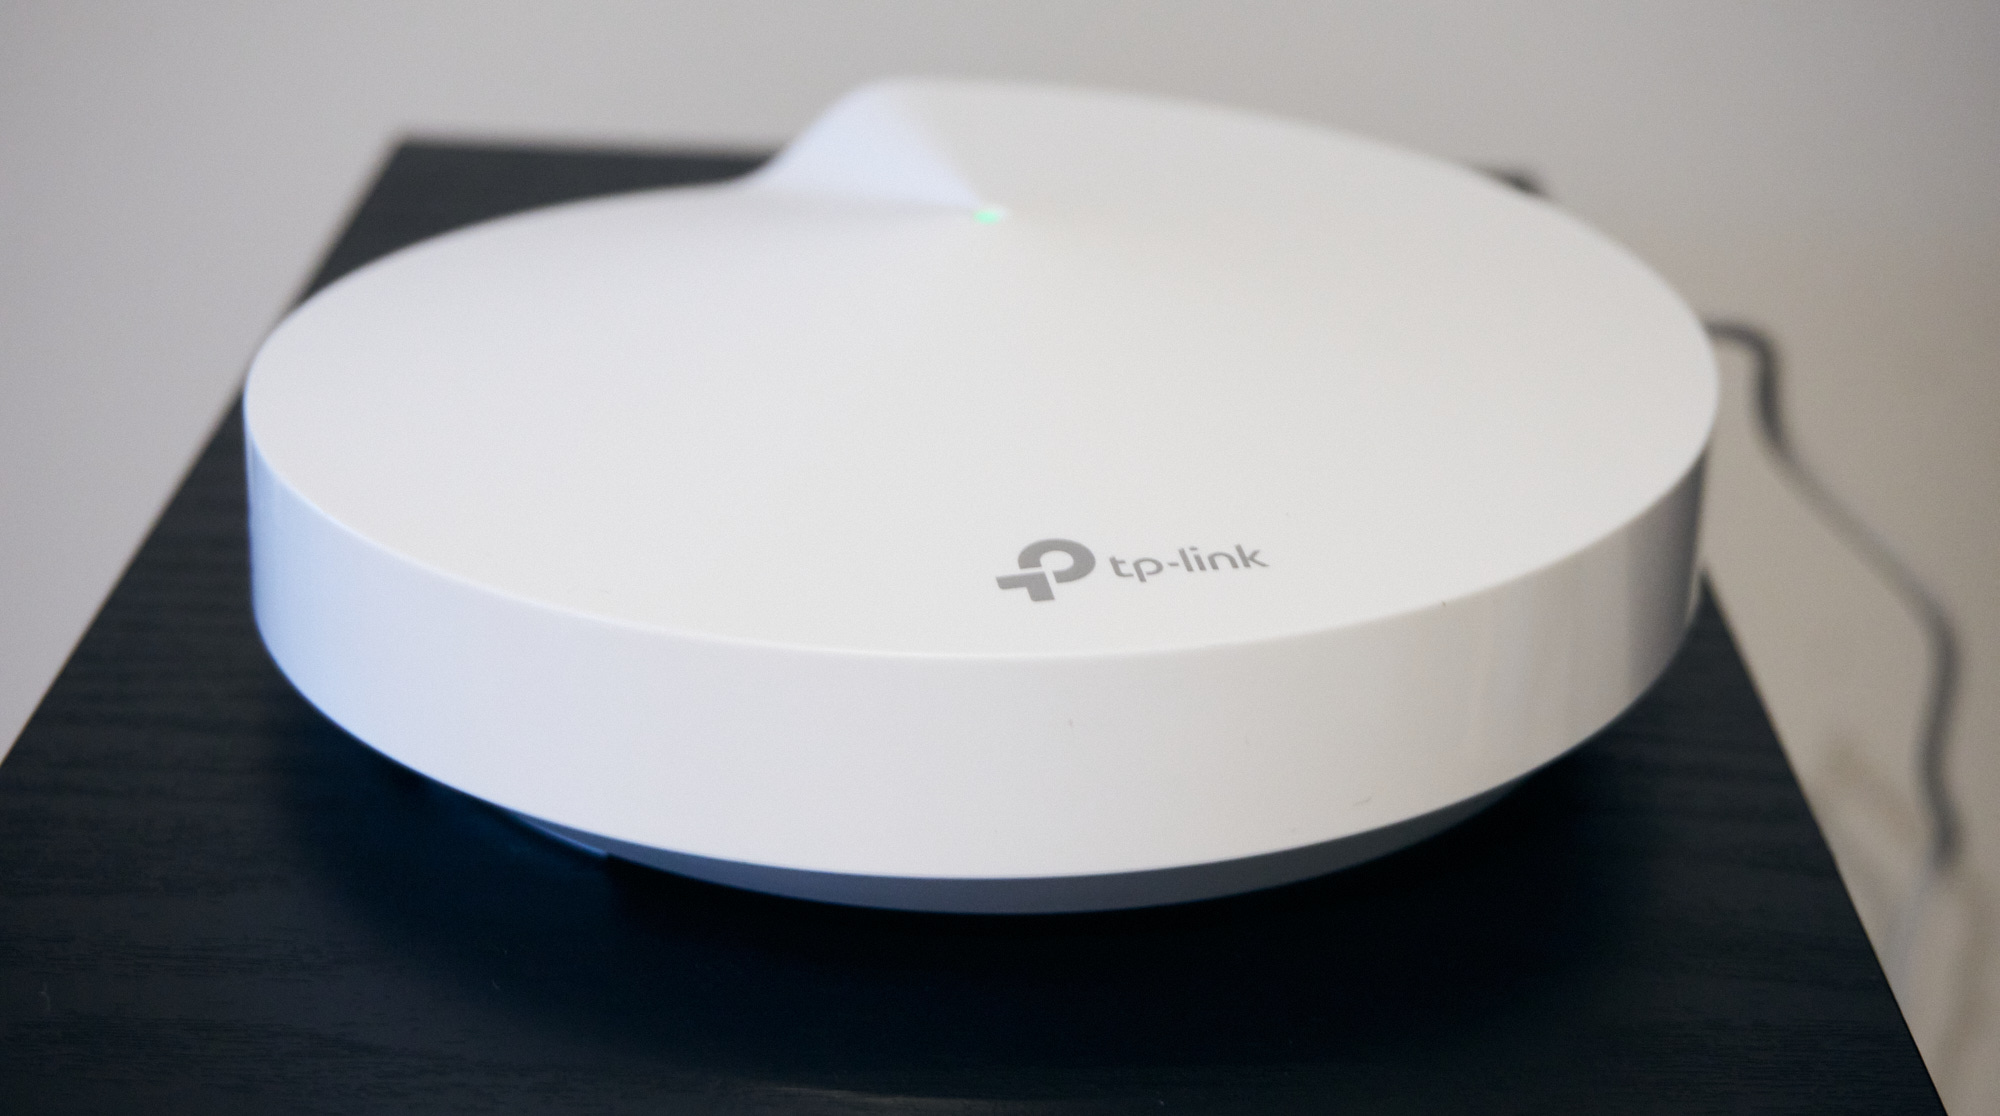 Lekarstwo na problemy z WiFi: TP-Link Deco M9 Plus (recenzja) 9